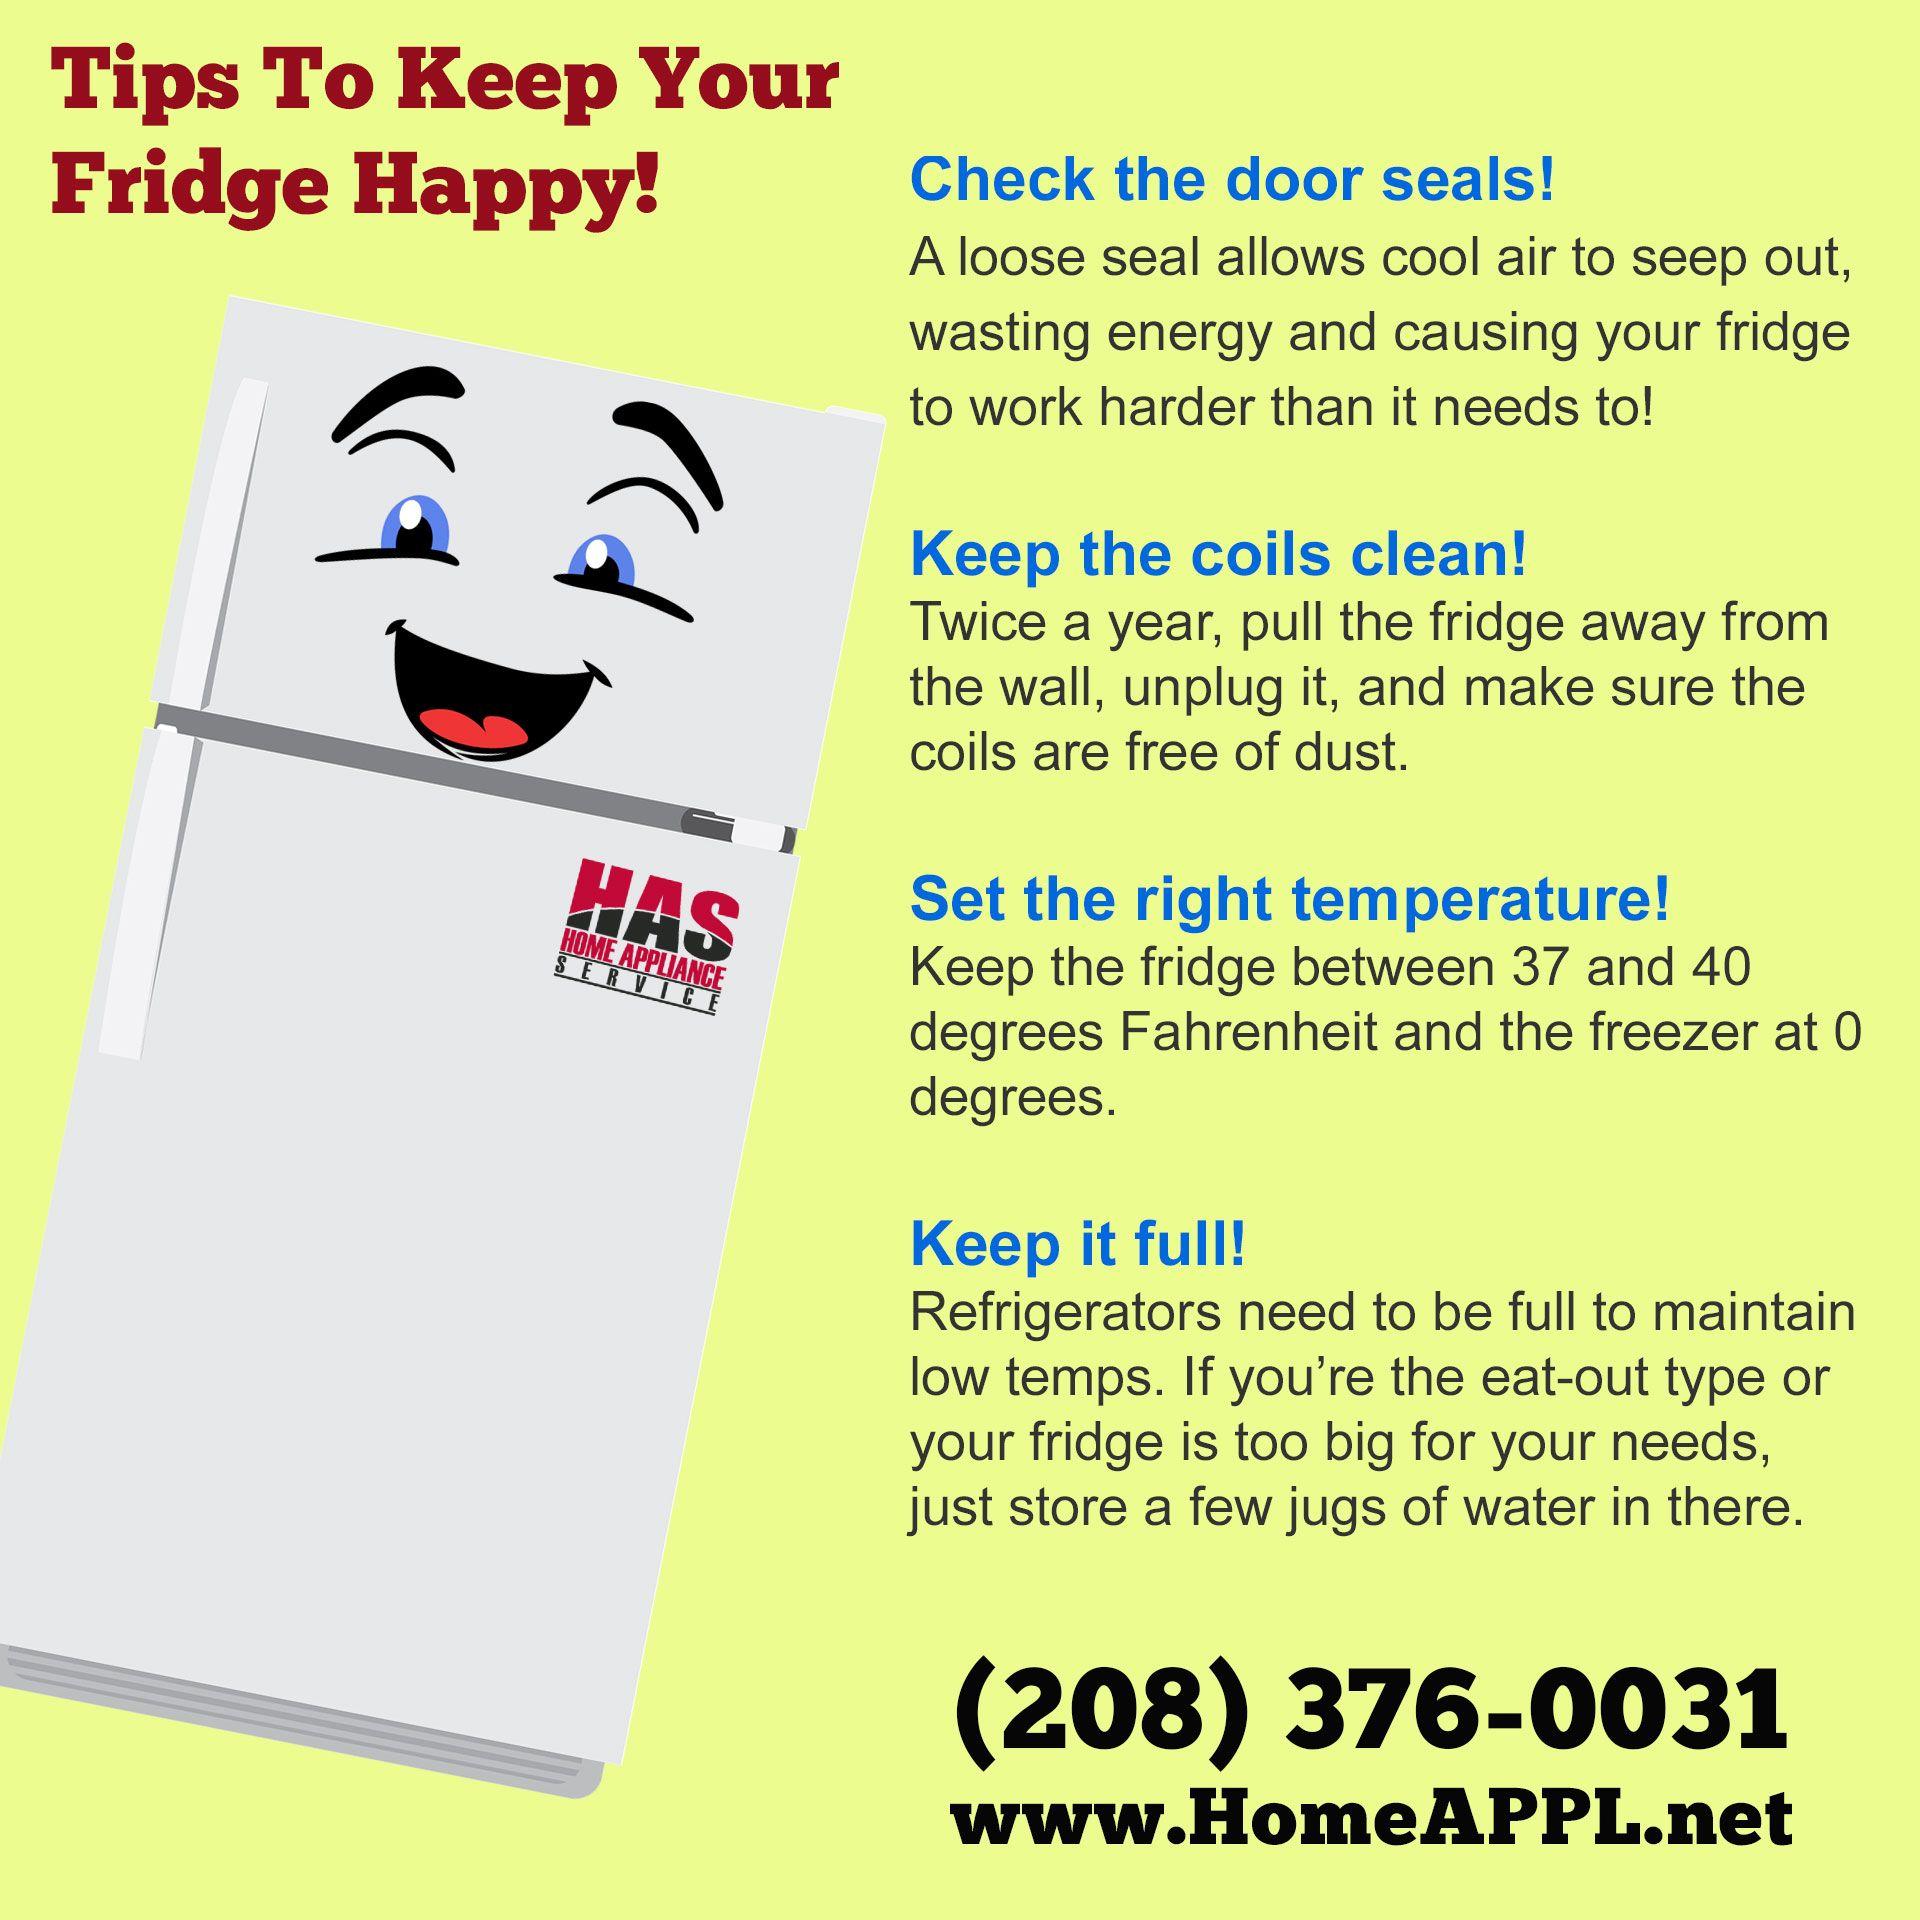 Keep Your Fridge Happy Door Seals Happy Work Hard